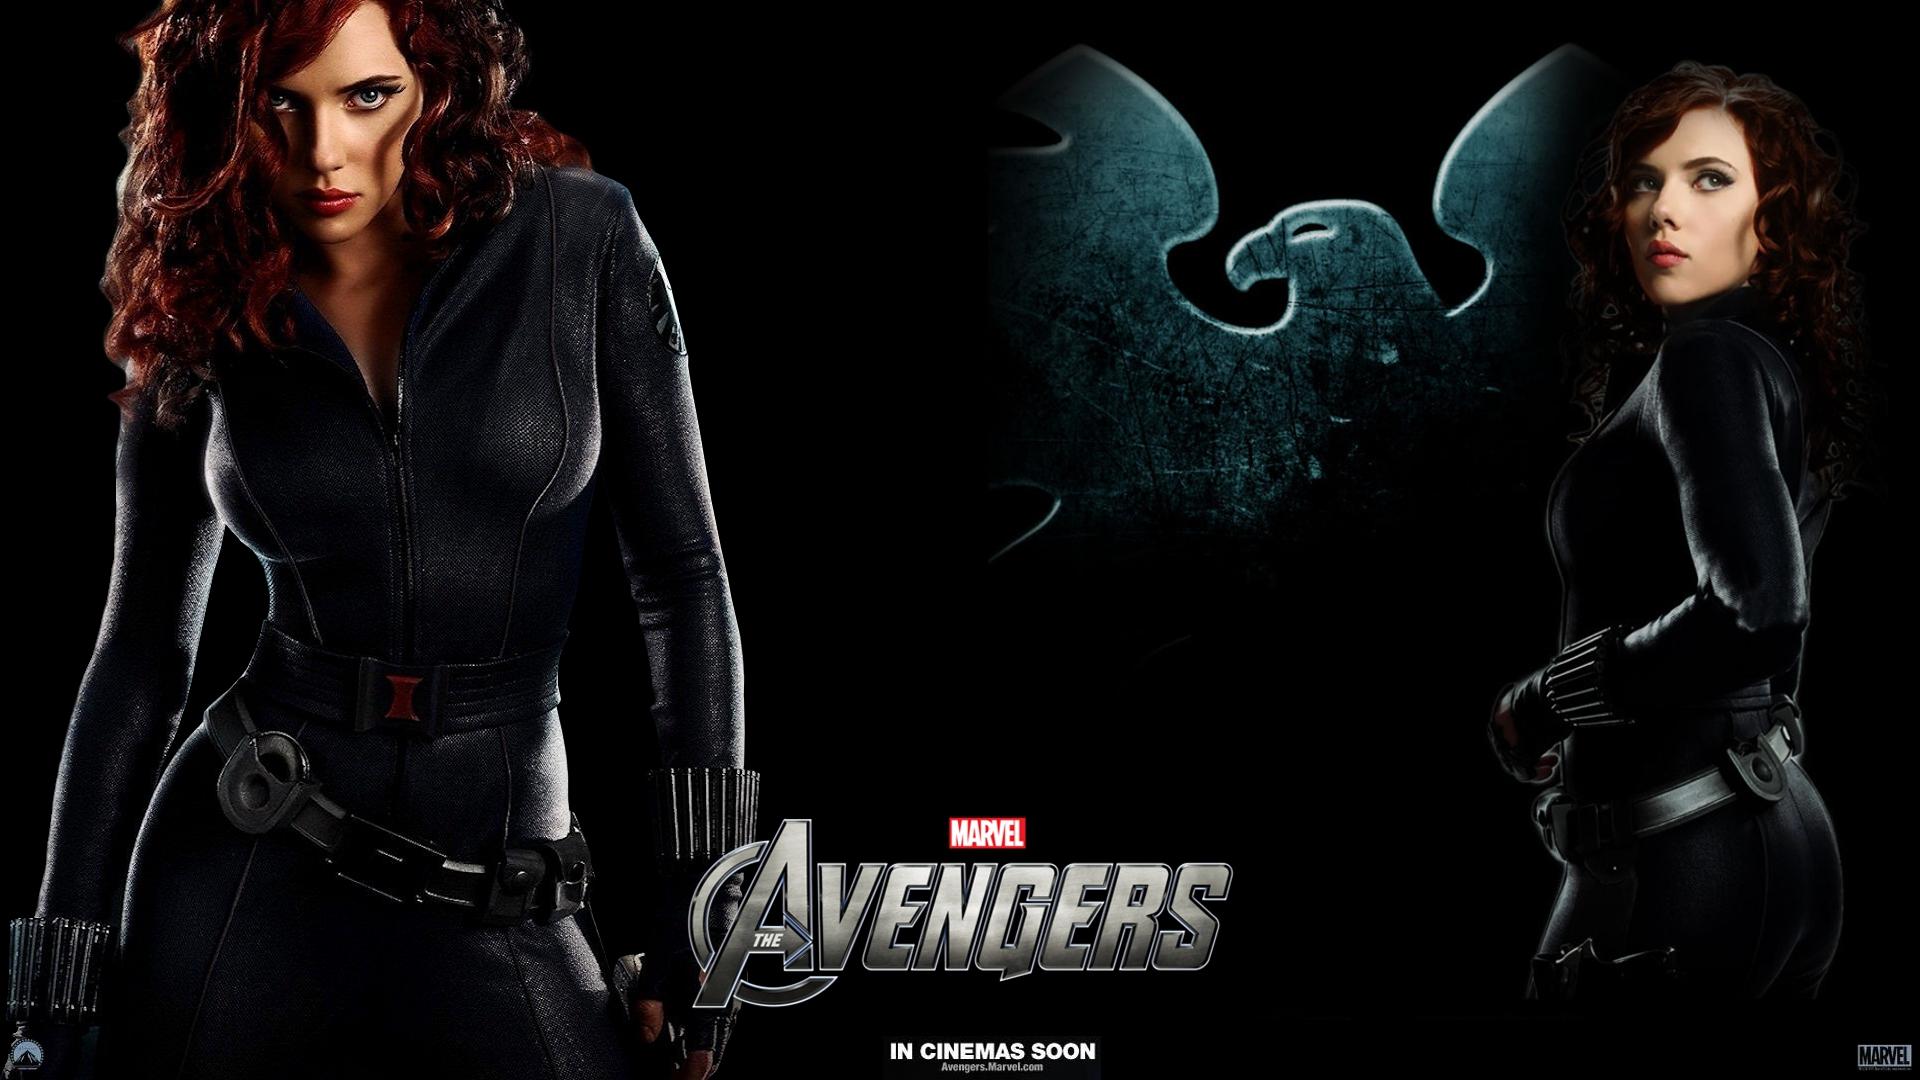 Black Widow   The Avengers Wallpaper 30878719 1920x1080